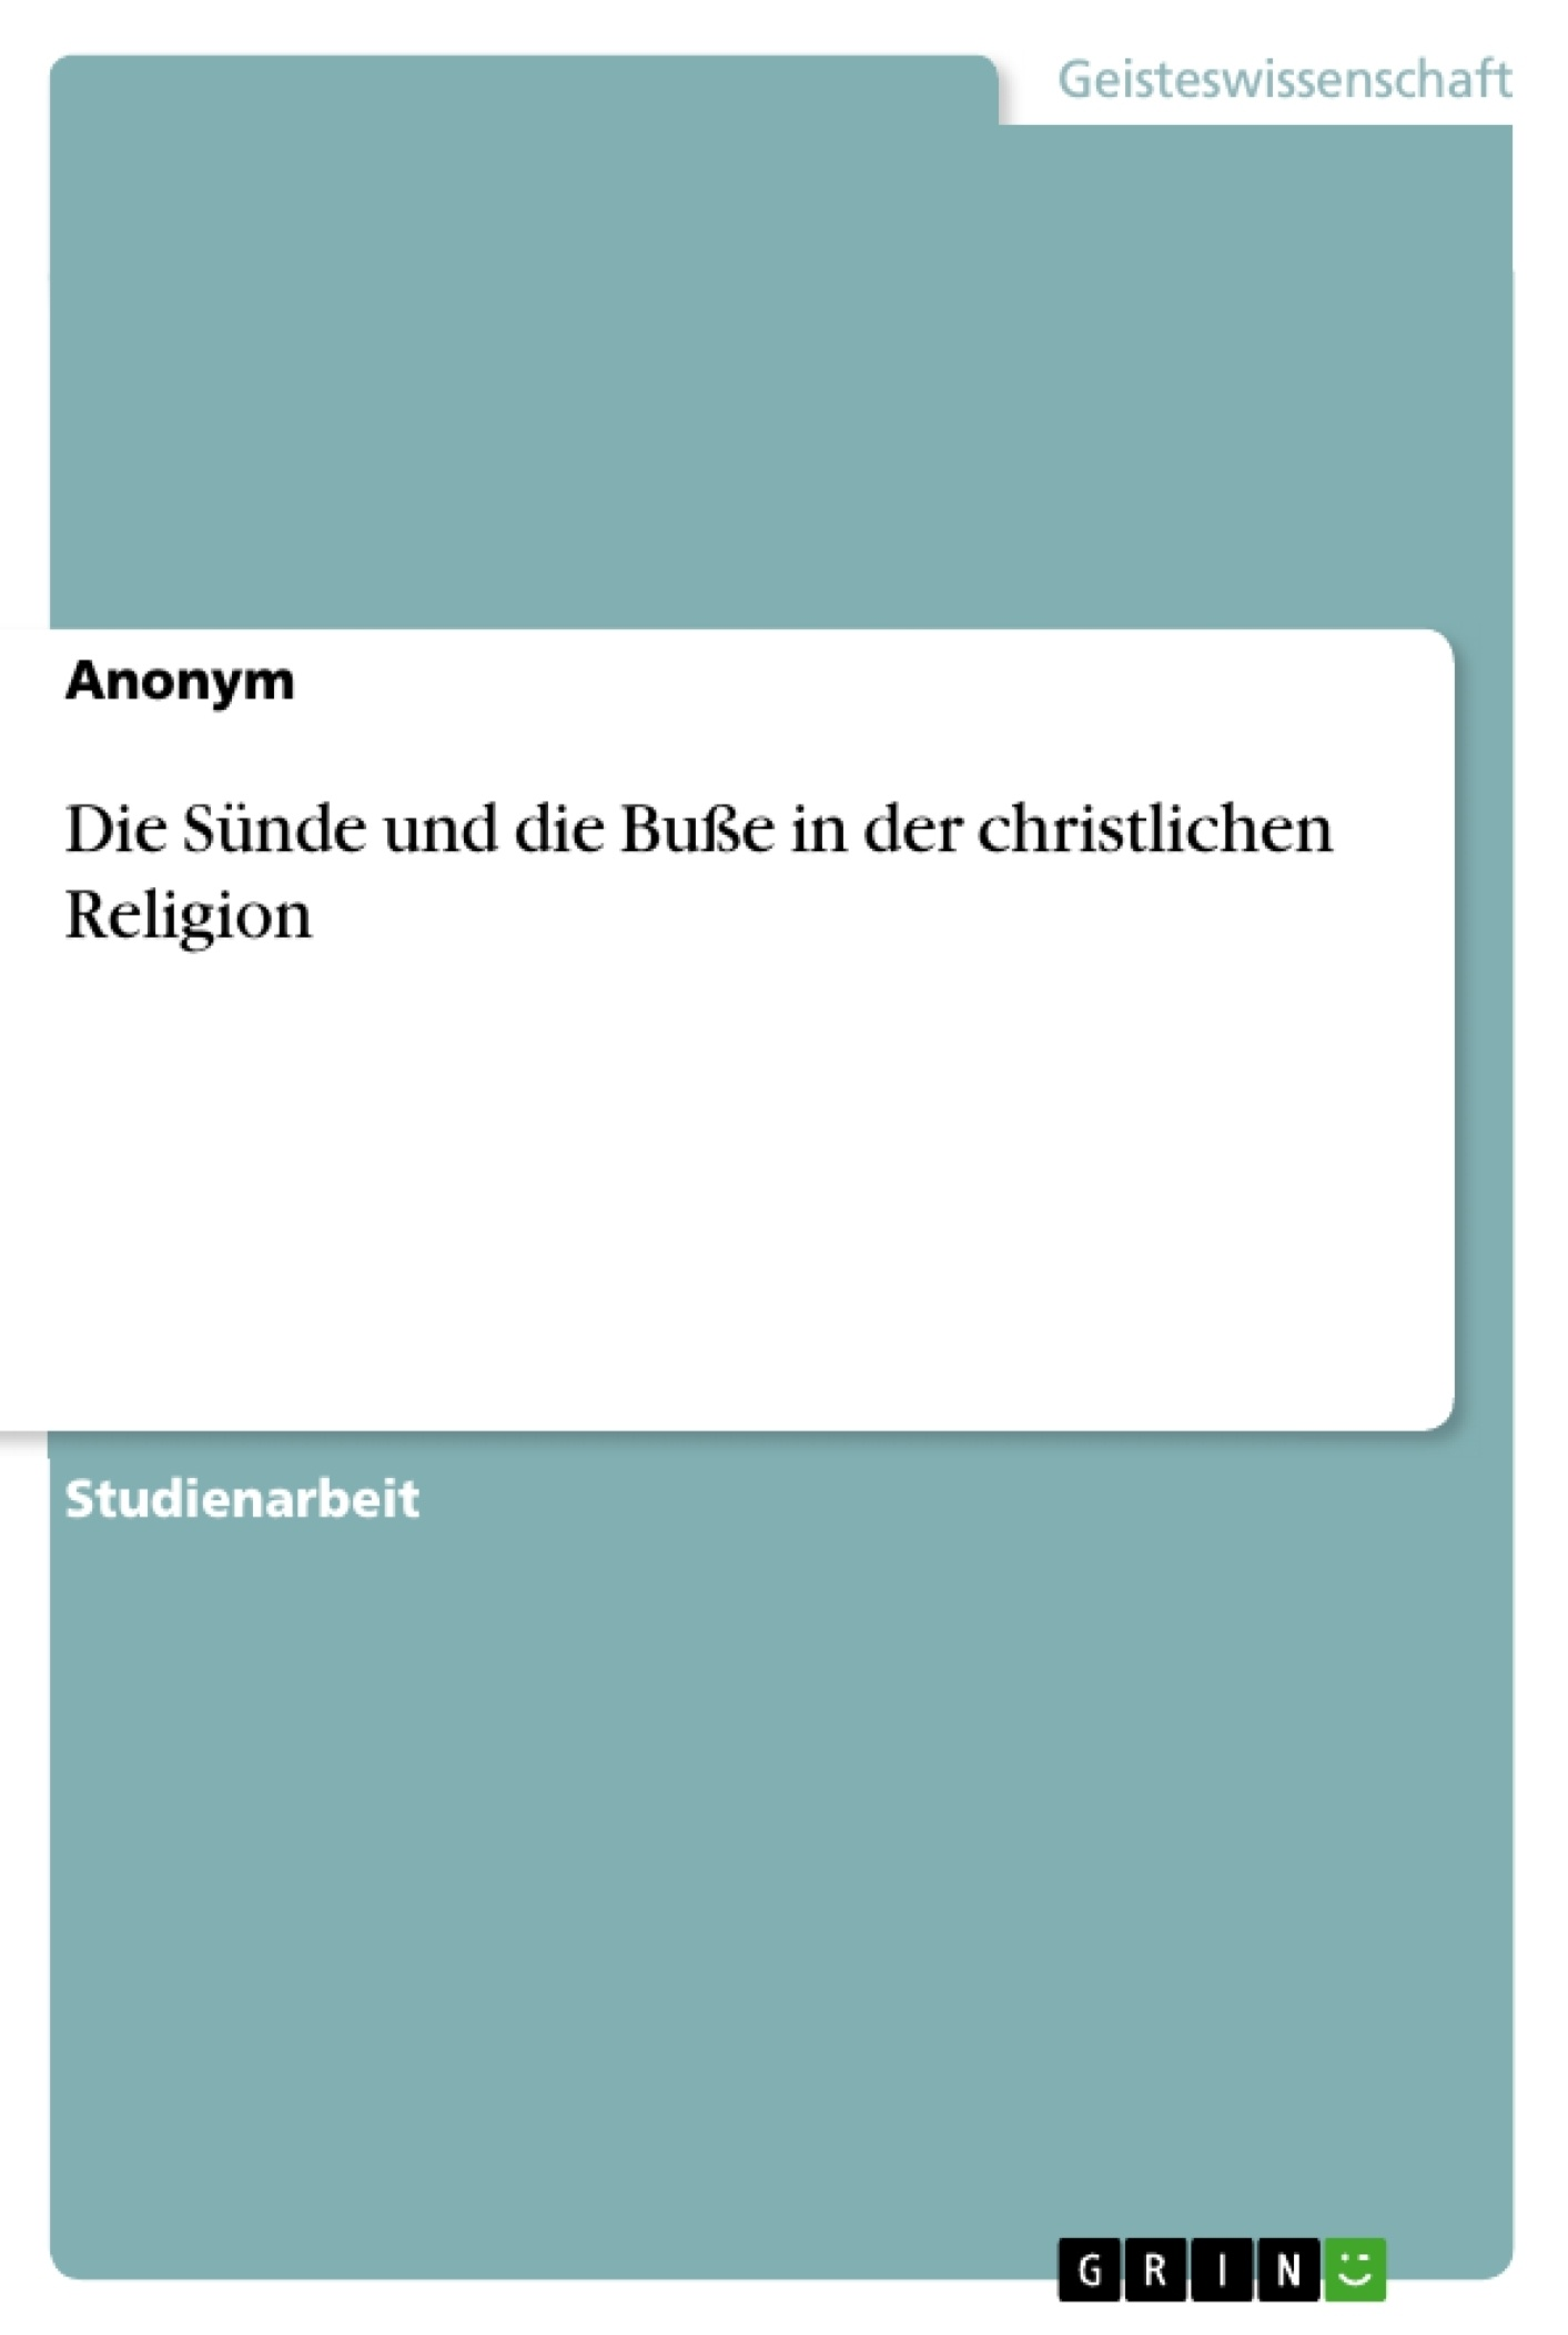 Titel: Die Sünde und die Buße in der christlichen Religion